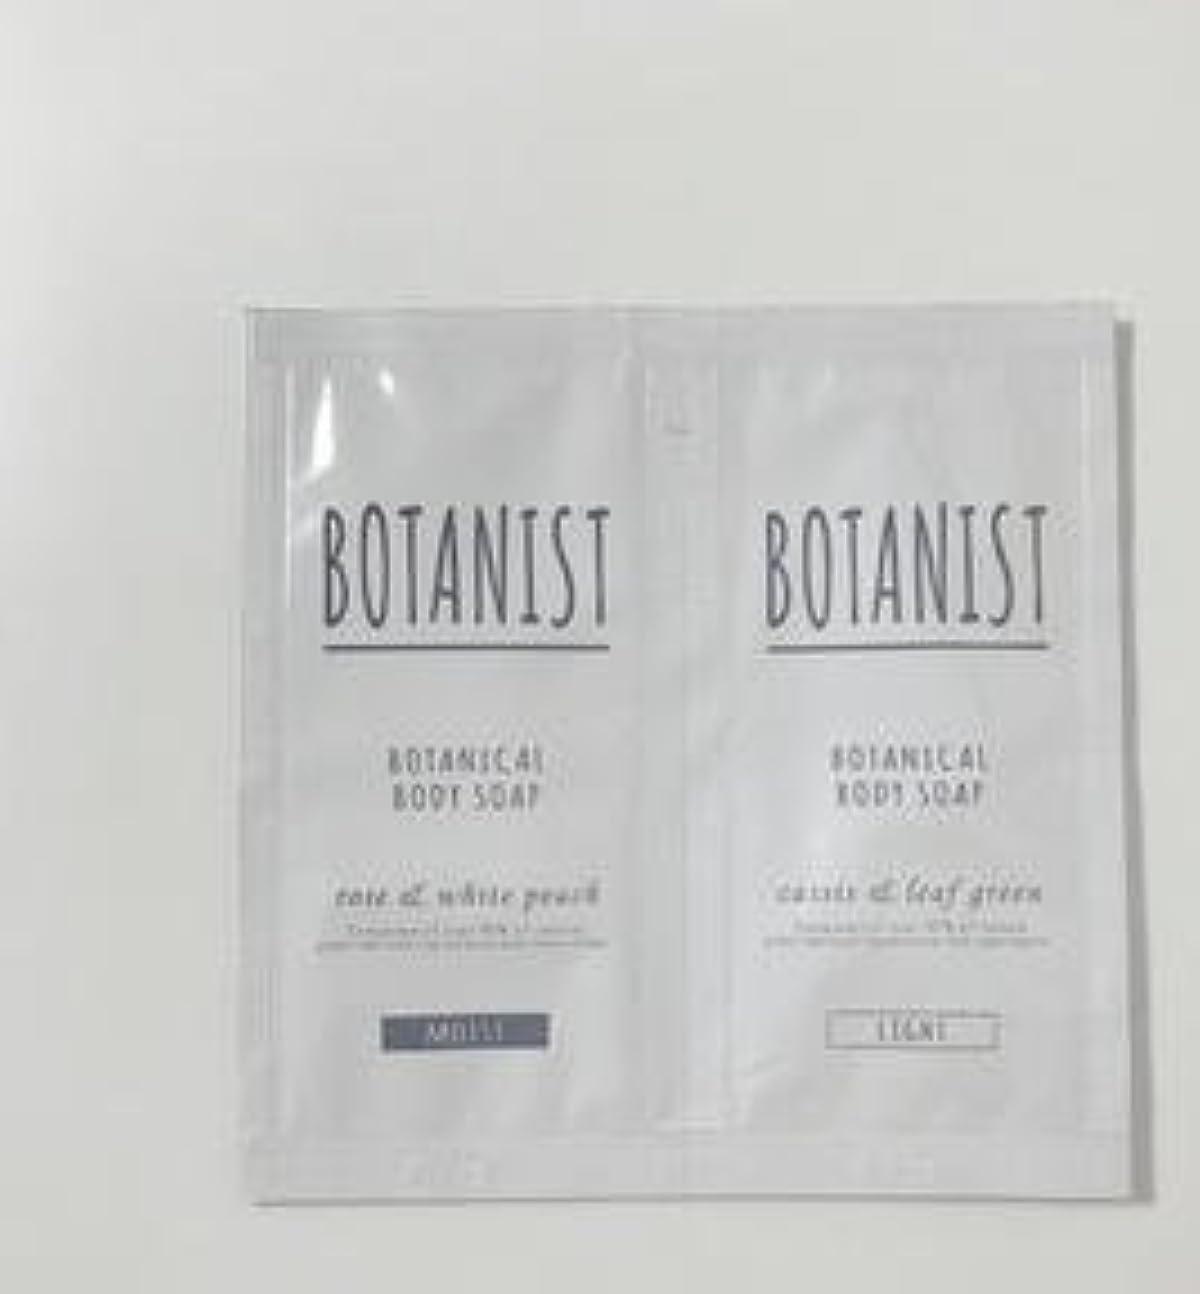 宿泊チャーム要旨BOTANIST ボタニカル ボディーソープ ライト&モイスト トライアルセット 8ml×2 (ライト&モイスト, 1個)